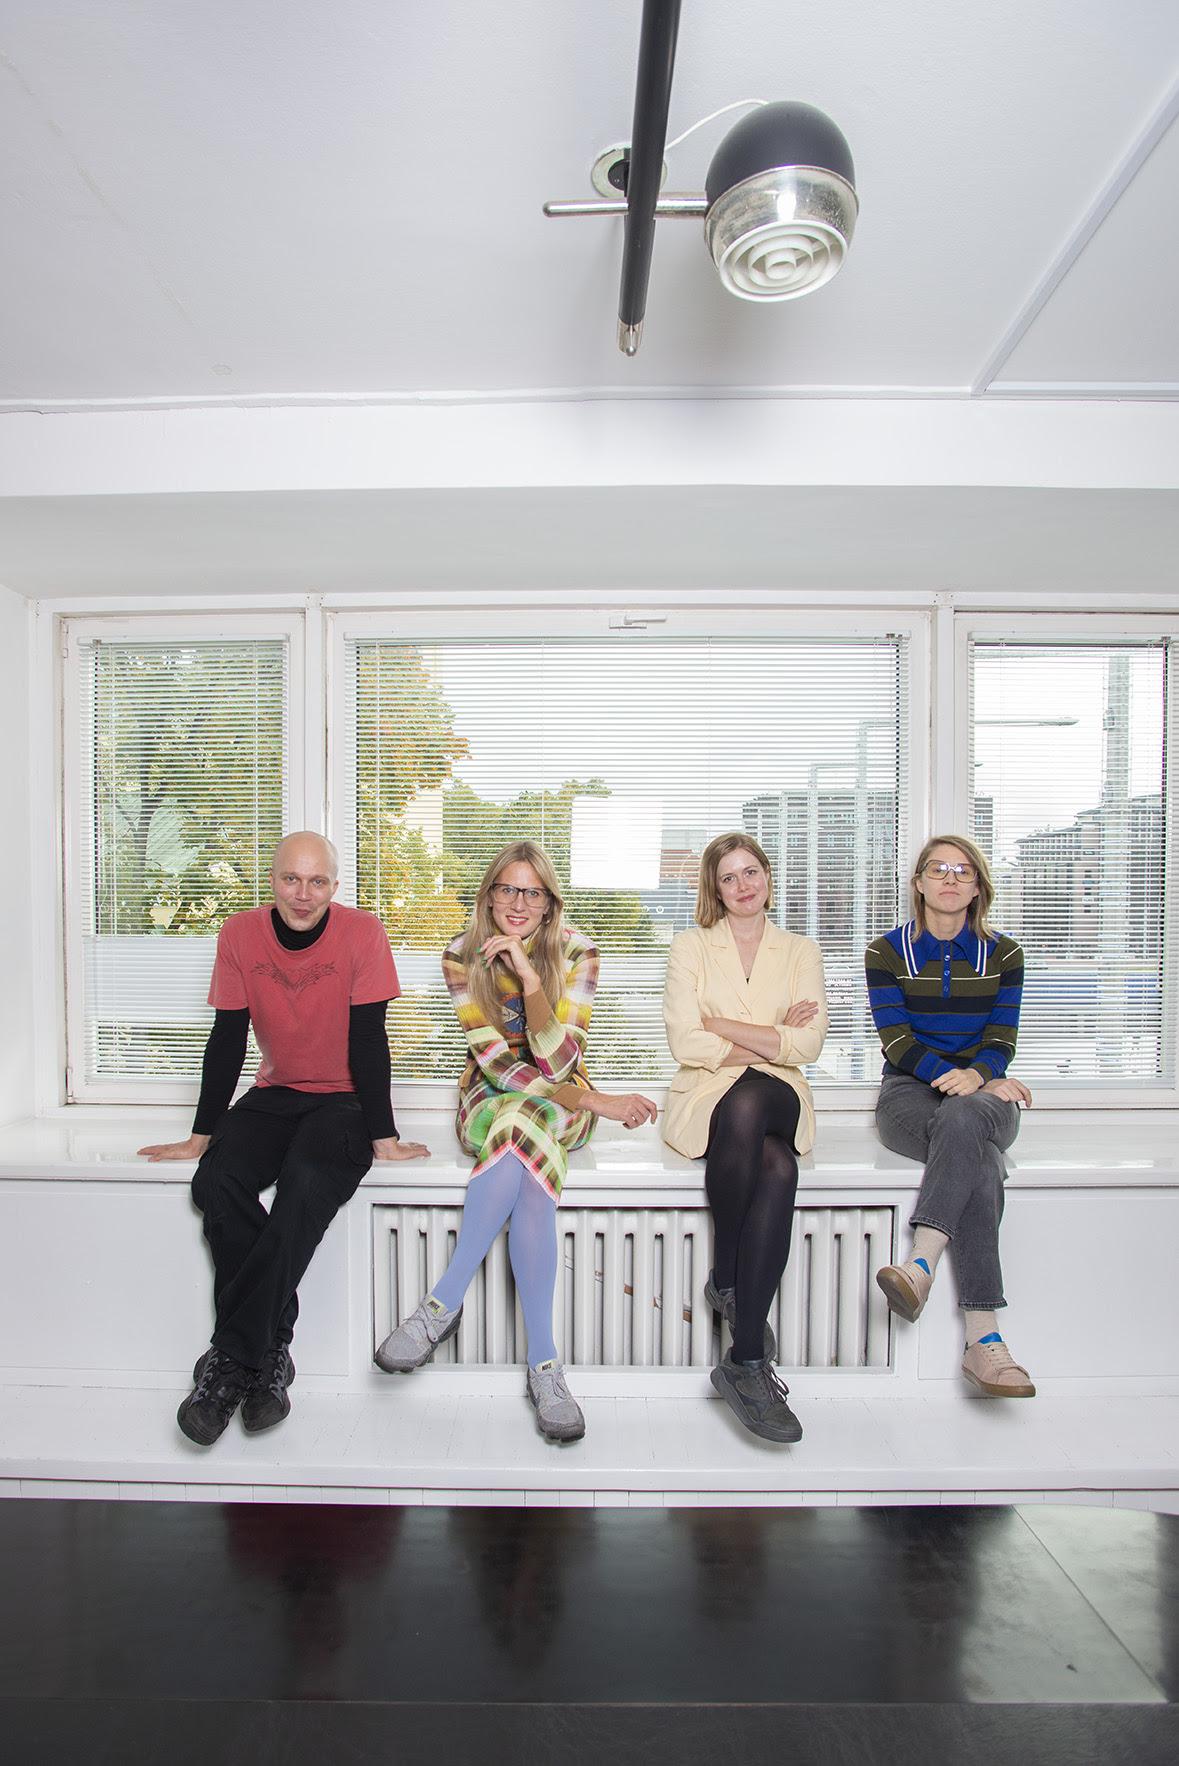 KKEKi tiim: Sten Ojavee, Maria Arusoo, Kaarin Kivirähk ja Marika Agu. Foto: Dénes Farkas